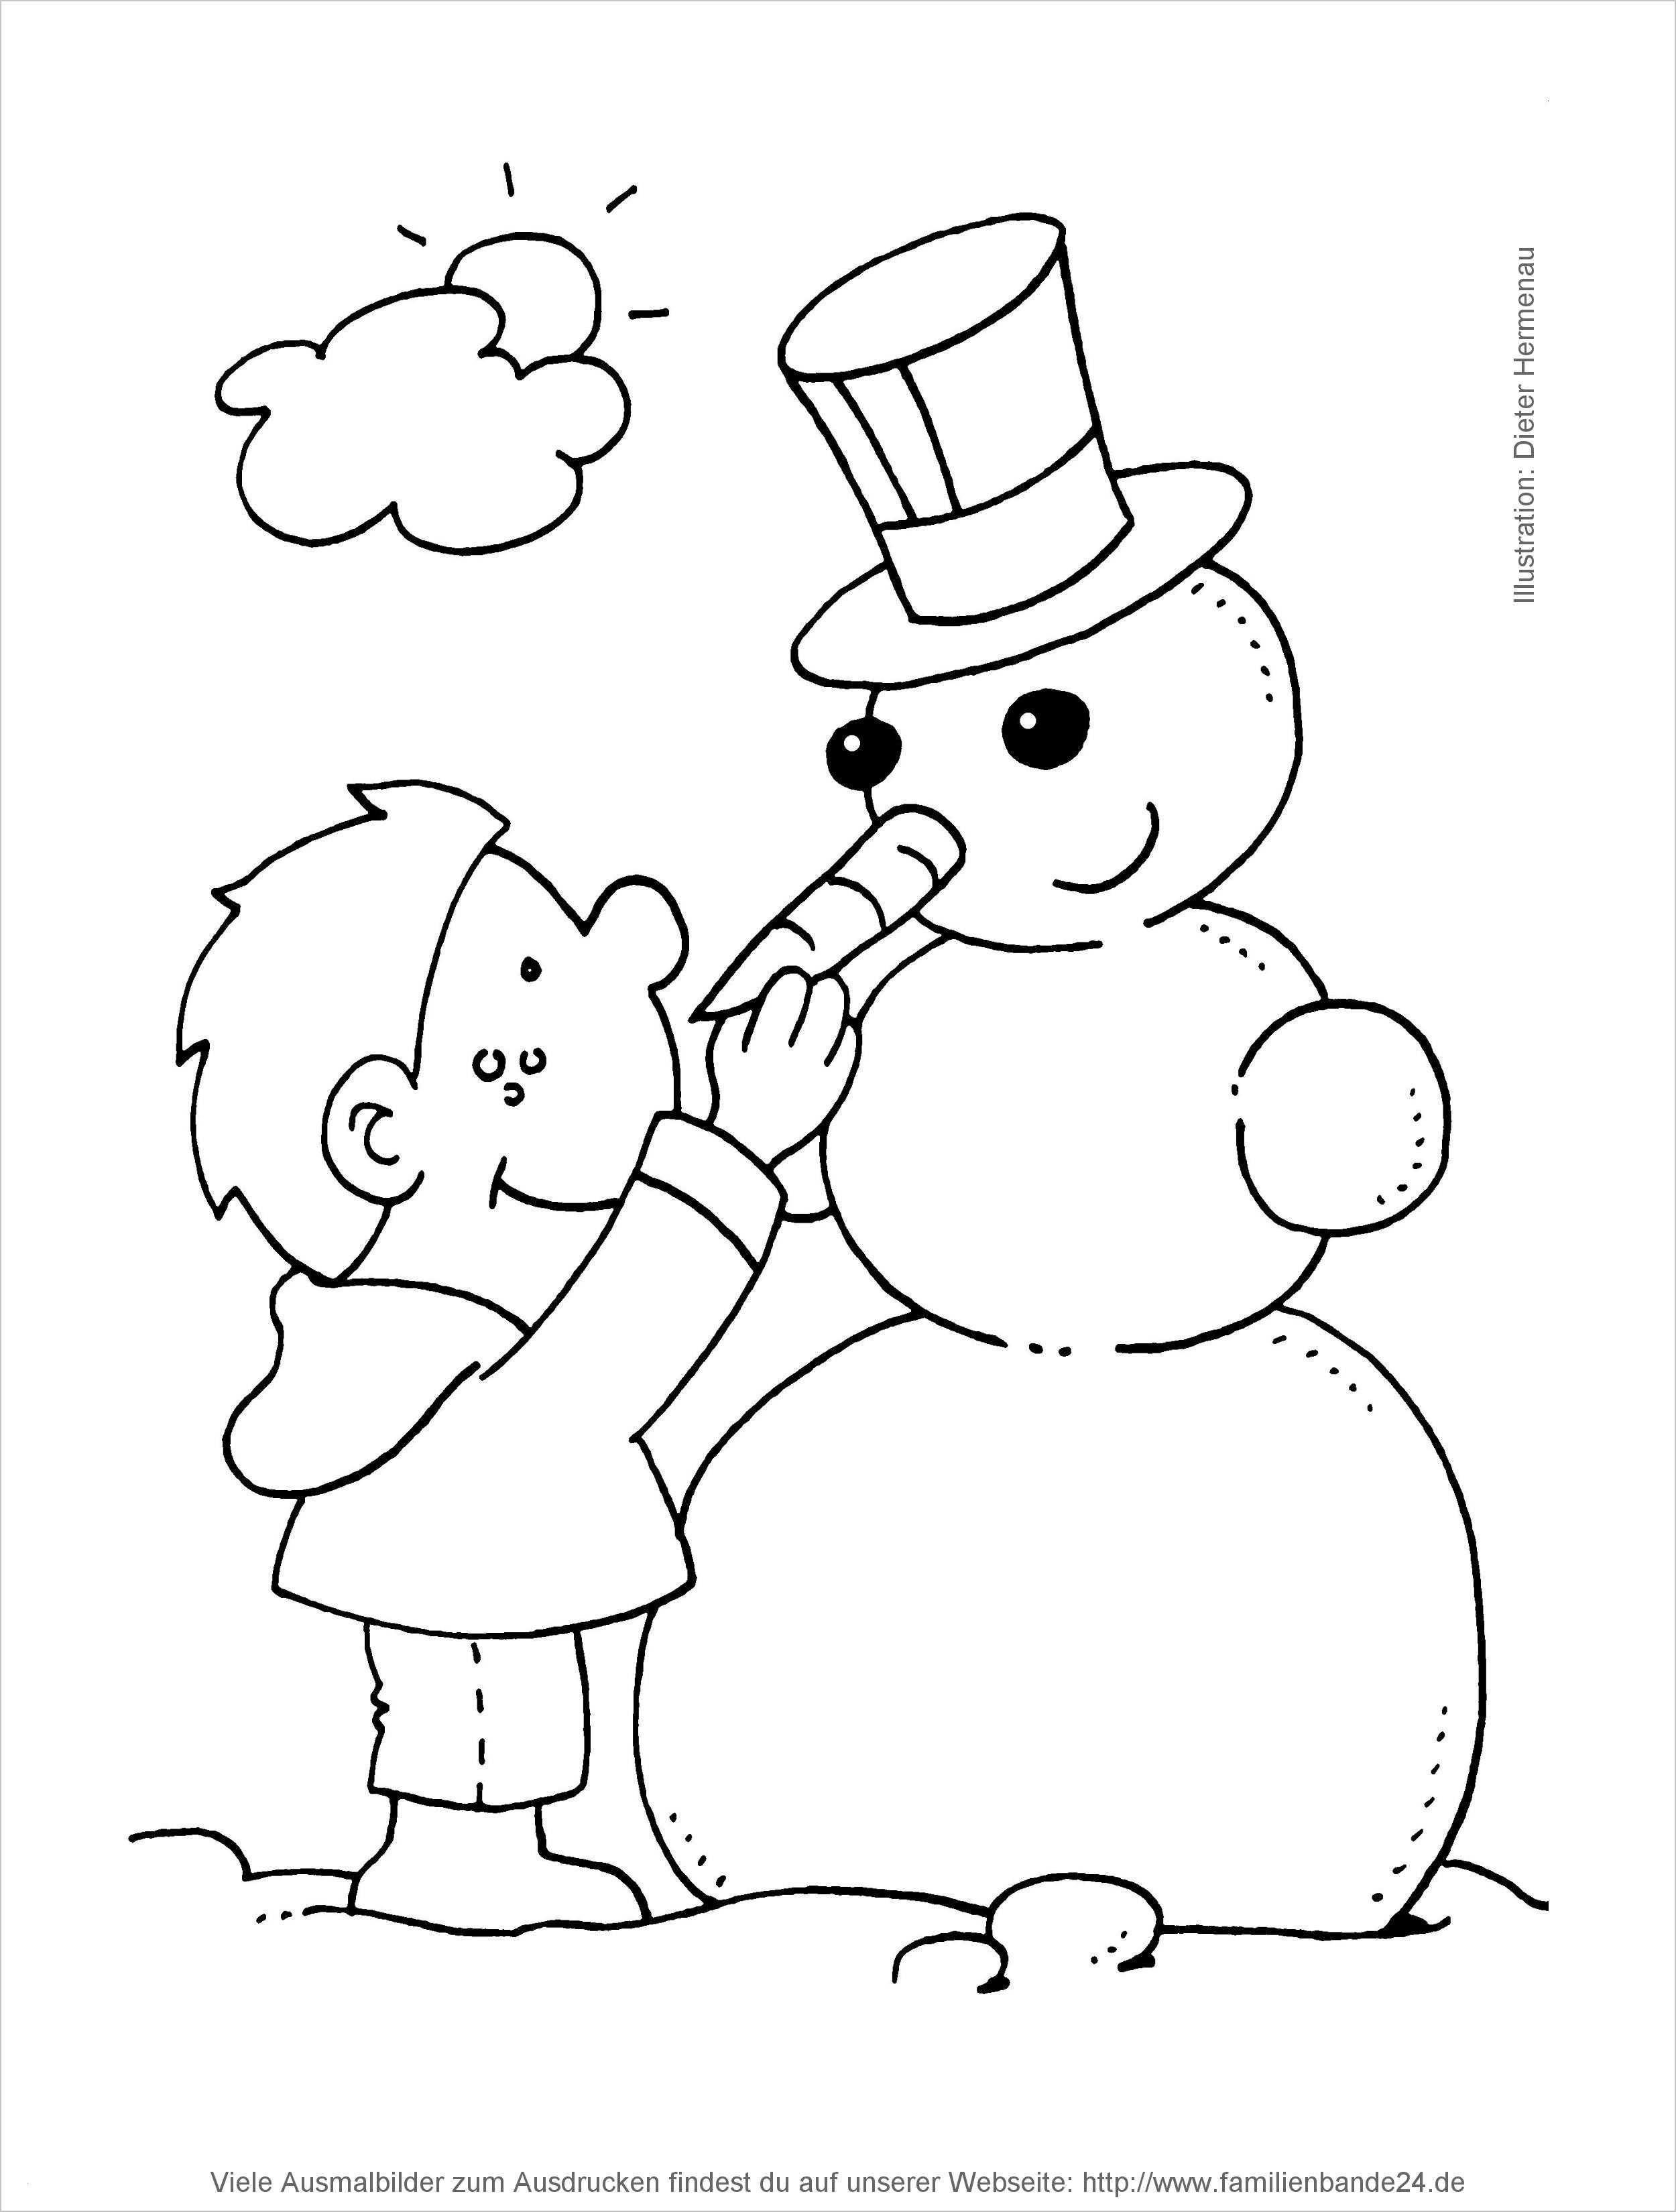 Ausmalbilder Zu Weihnachten Zum Ausdrucken Frisch Schneemann Bilder Zum Ausdrucken Einfach 90 Das Beste Von Das Bild